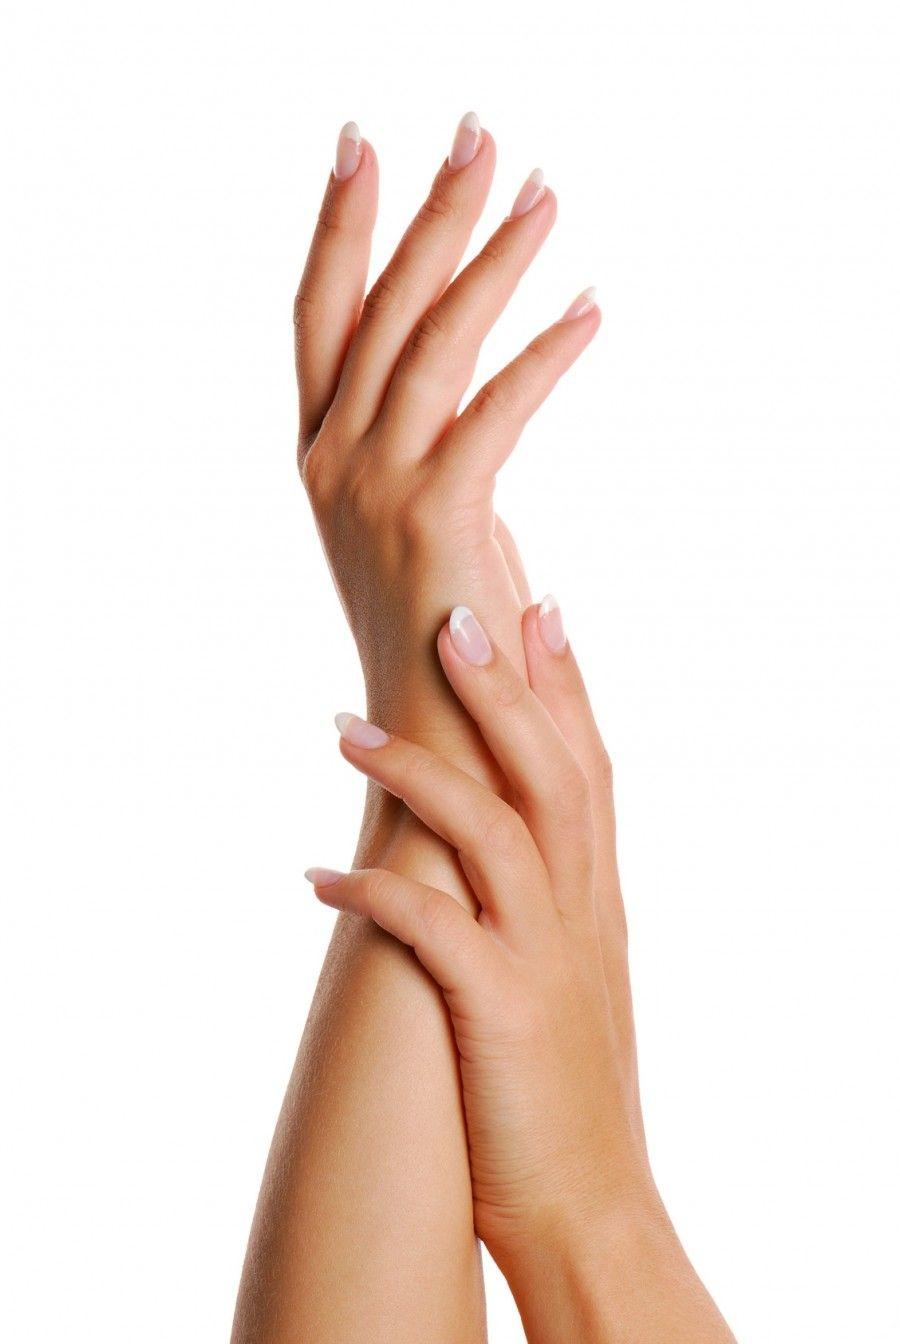 vene visibili sul dorso della mano